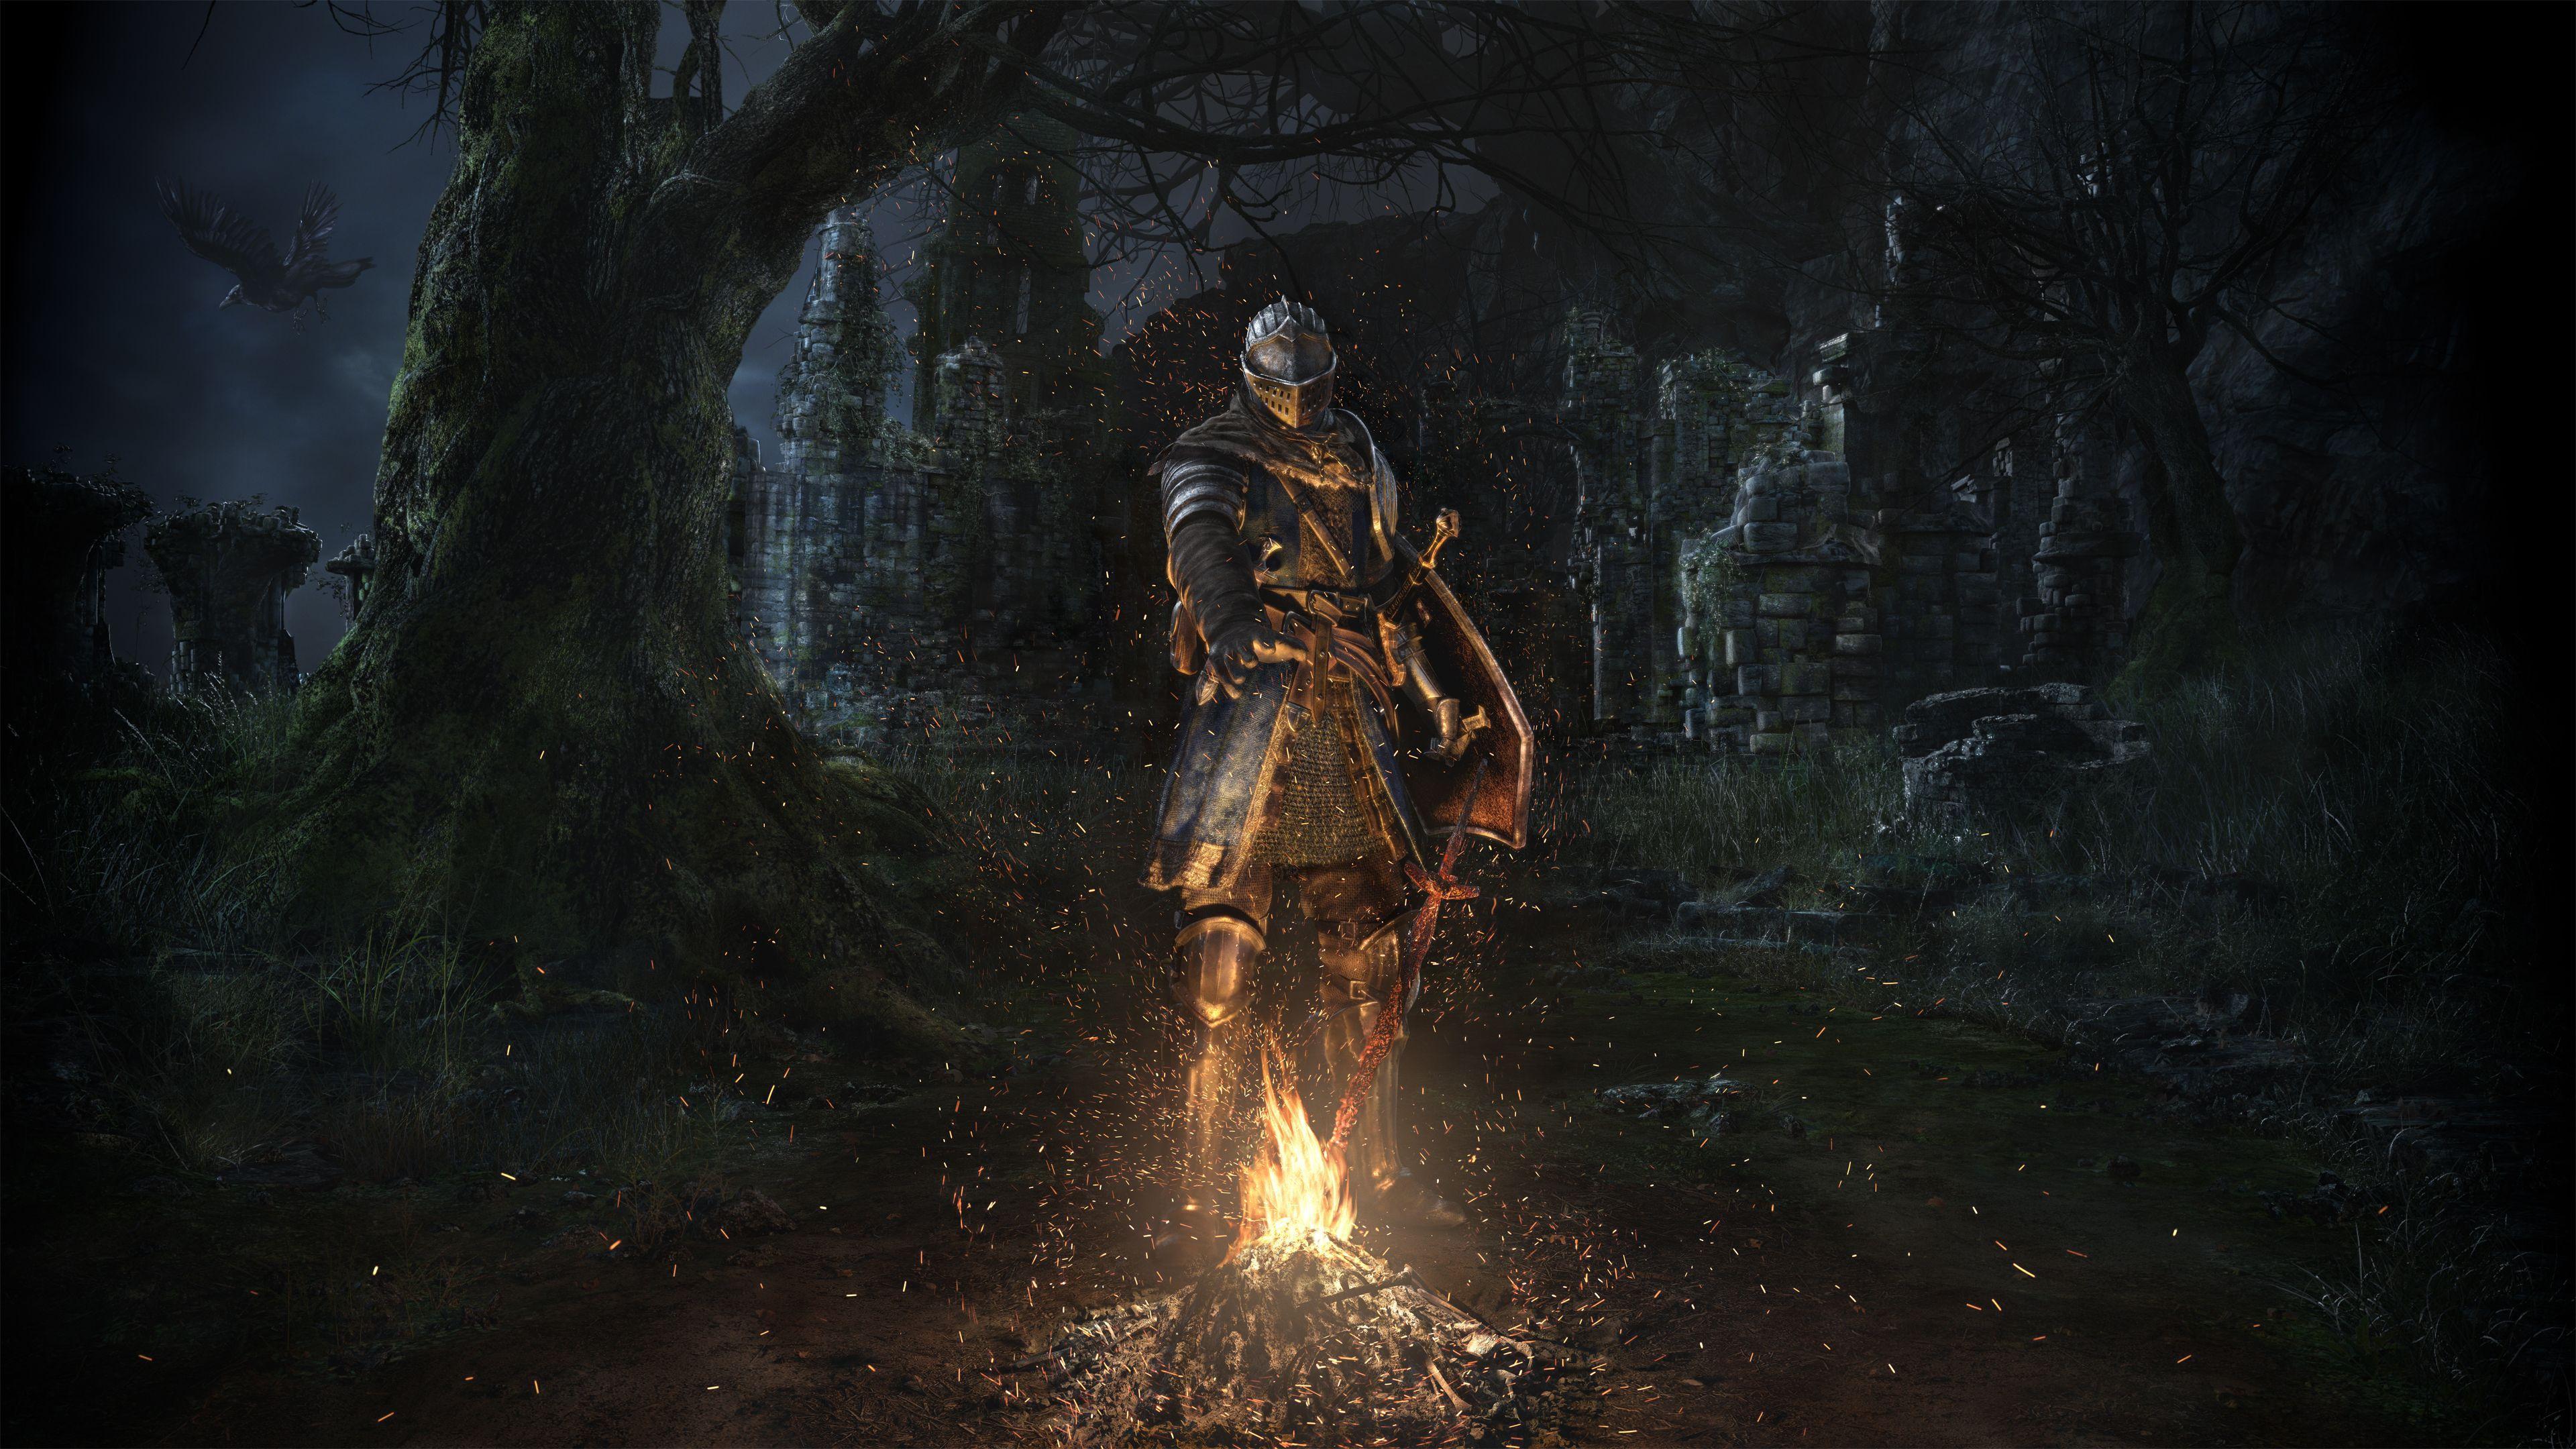 Art Dark Souls Wallpapers Top Free Art Dark Souls Backgrounds